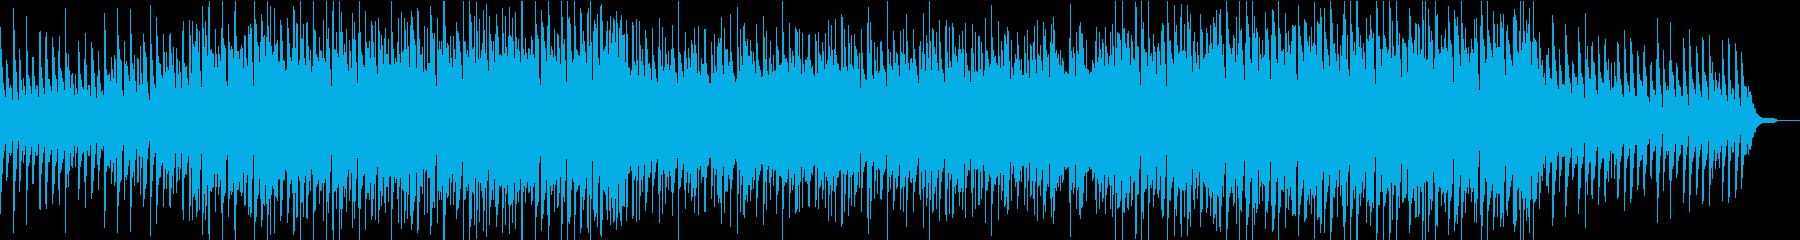 ピアノとアコギの爽やかなポップスaの再生済みの波形